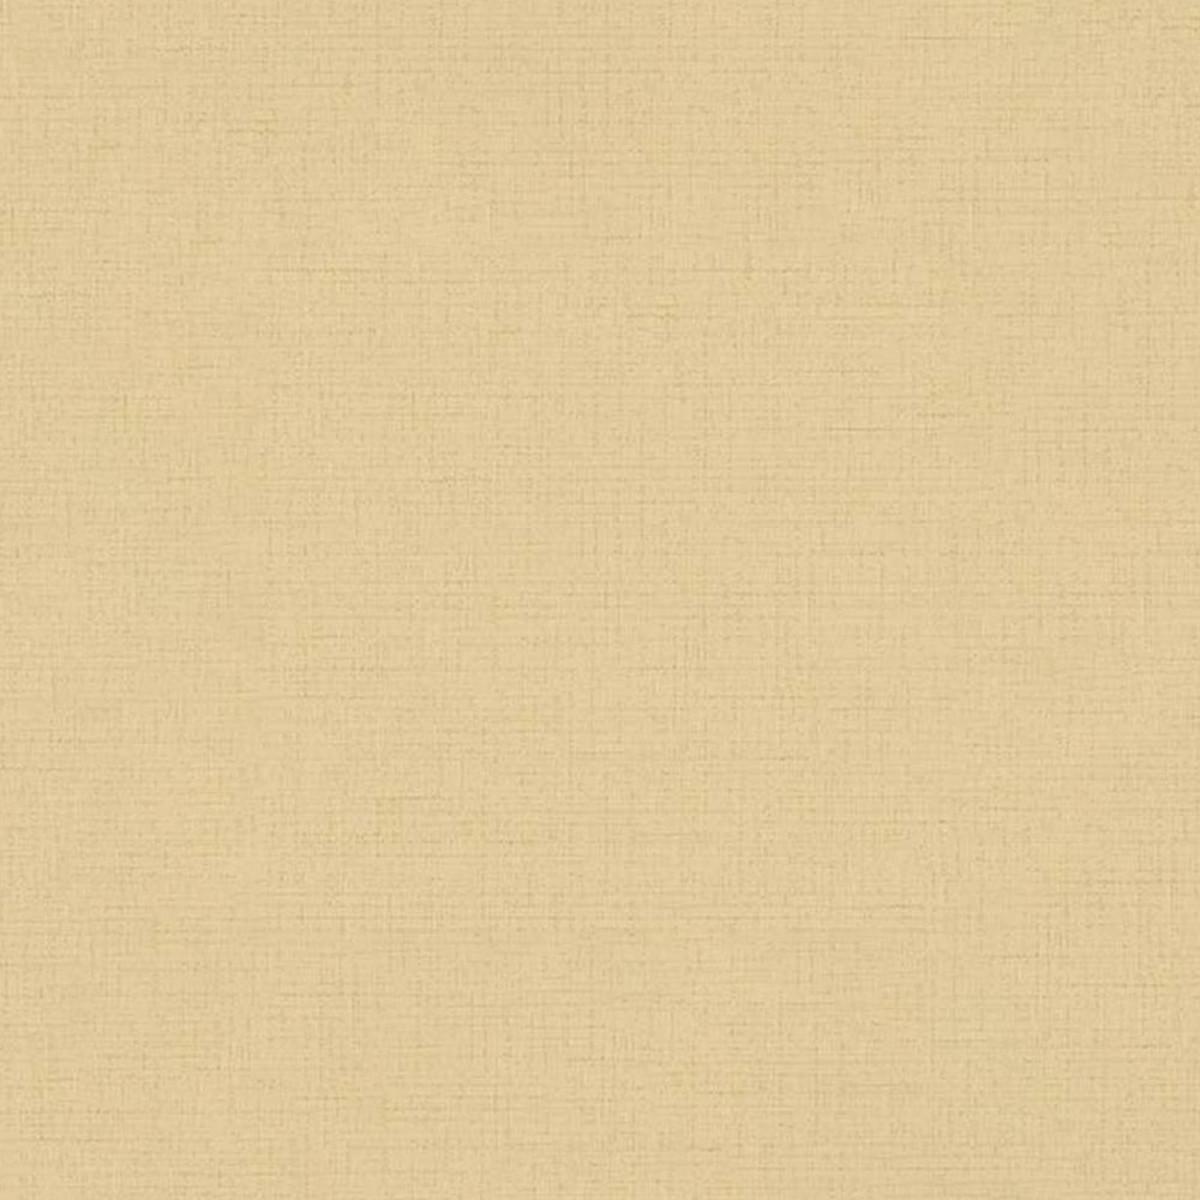 Обои виниловые Gaenari золотые 1.06 м 81139-7